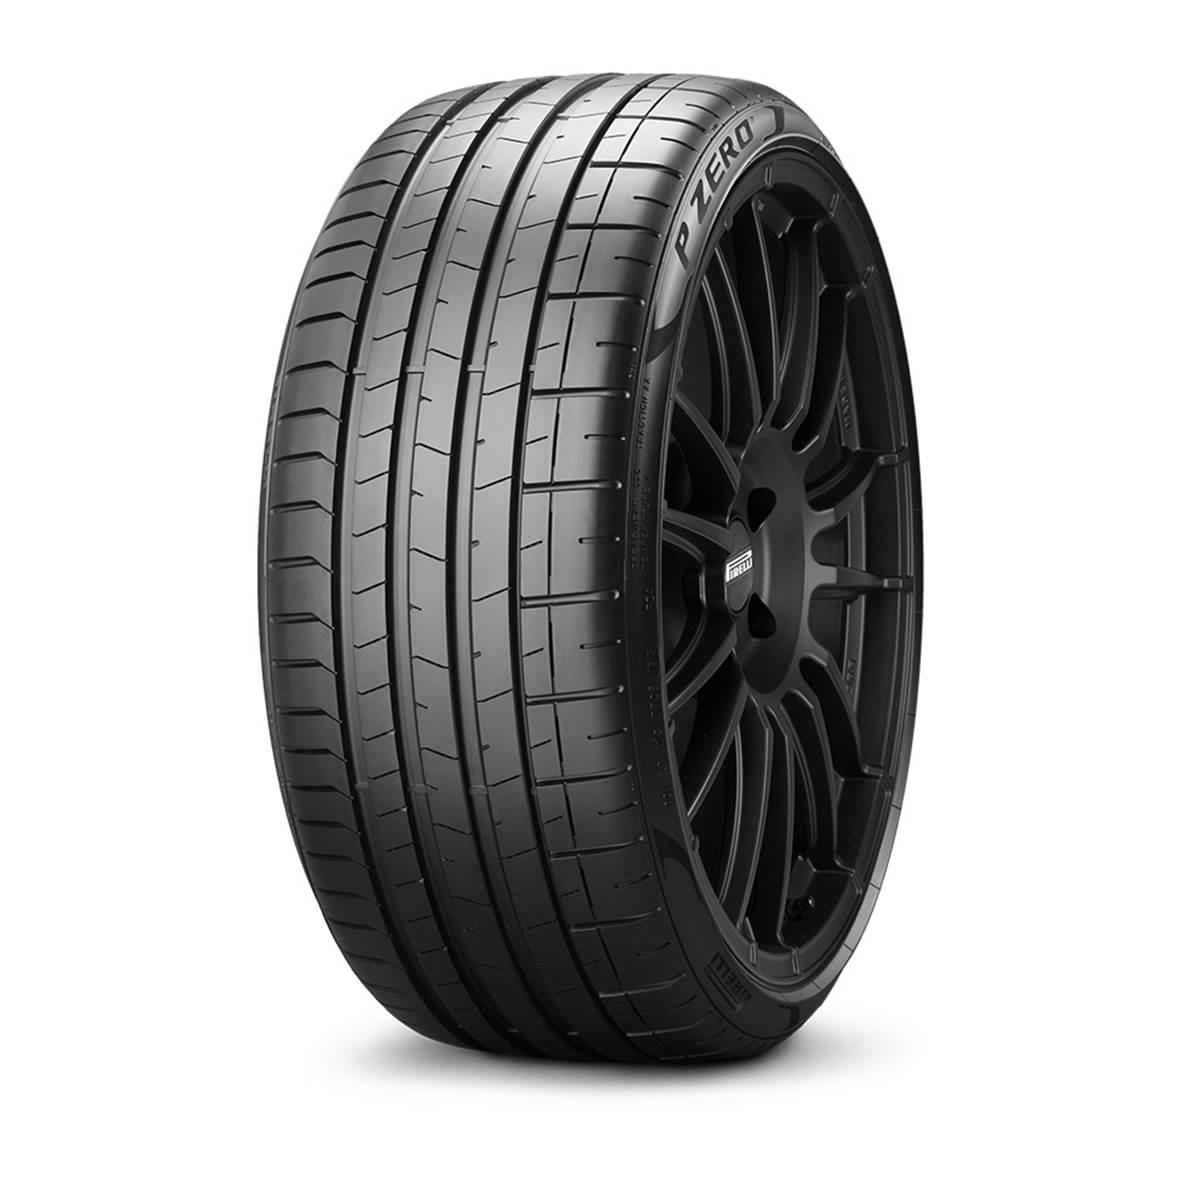 Pneu Pirelli 255/30R20 92Y Pzero XL